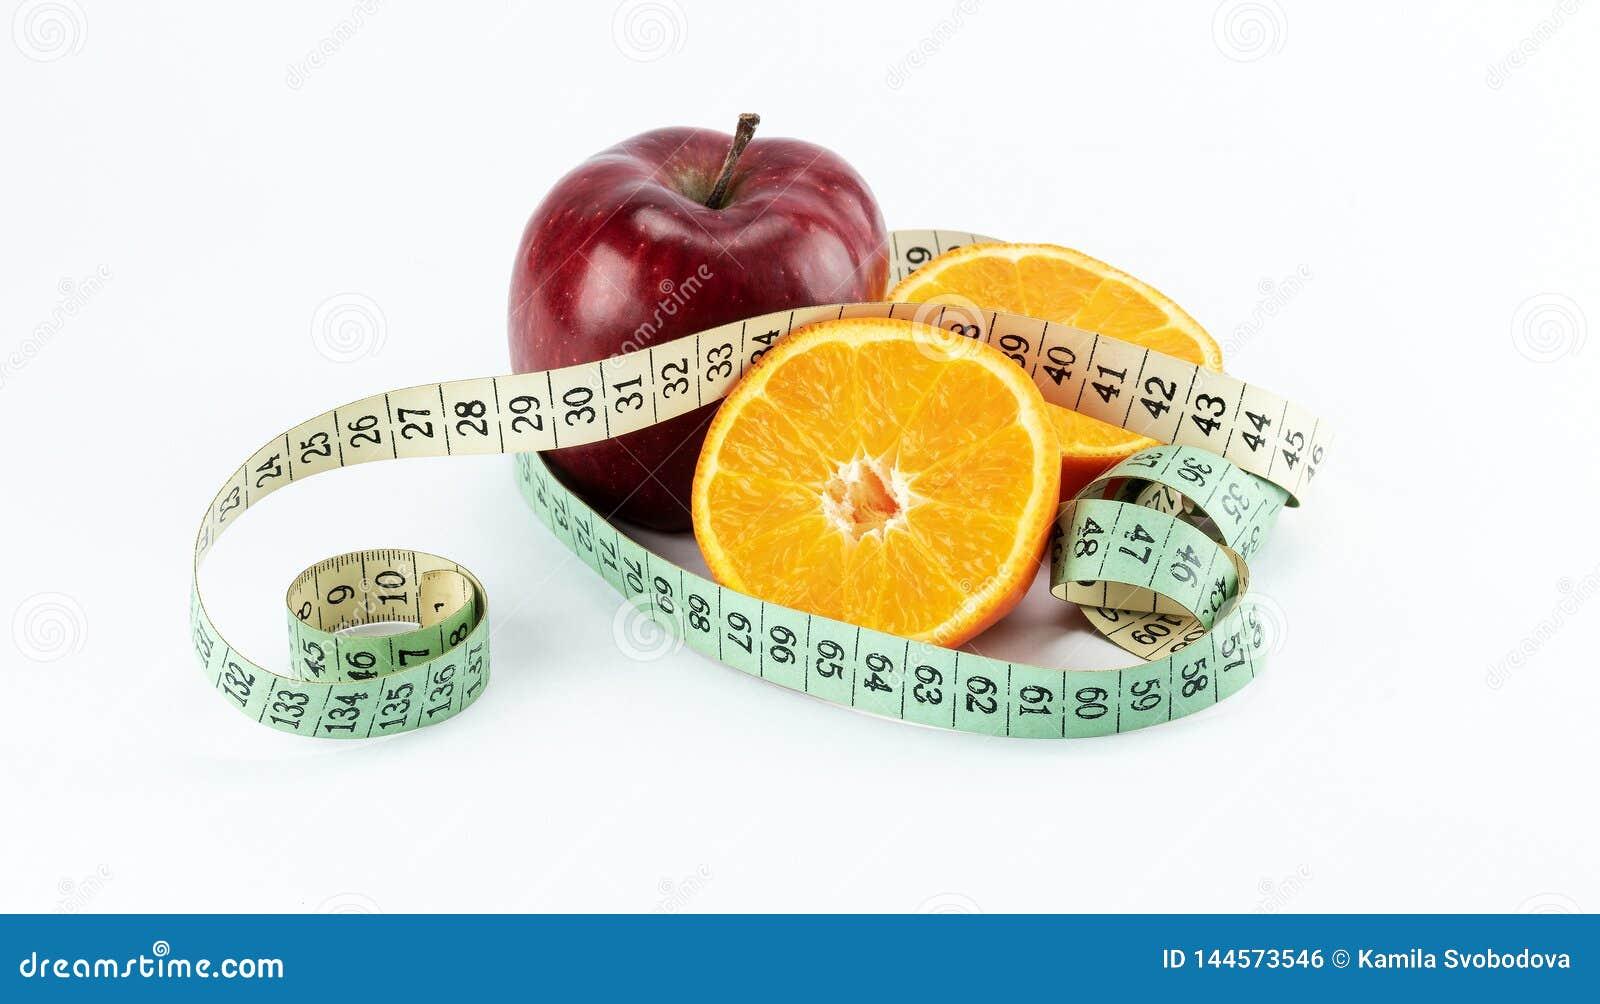 Красное яблоко с 2 половинами апельсинов в оболочке с измеряя лентой